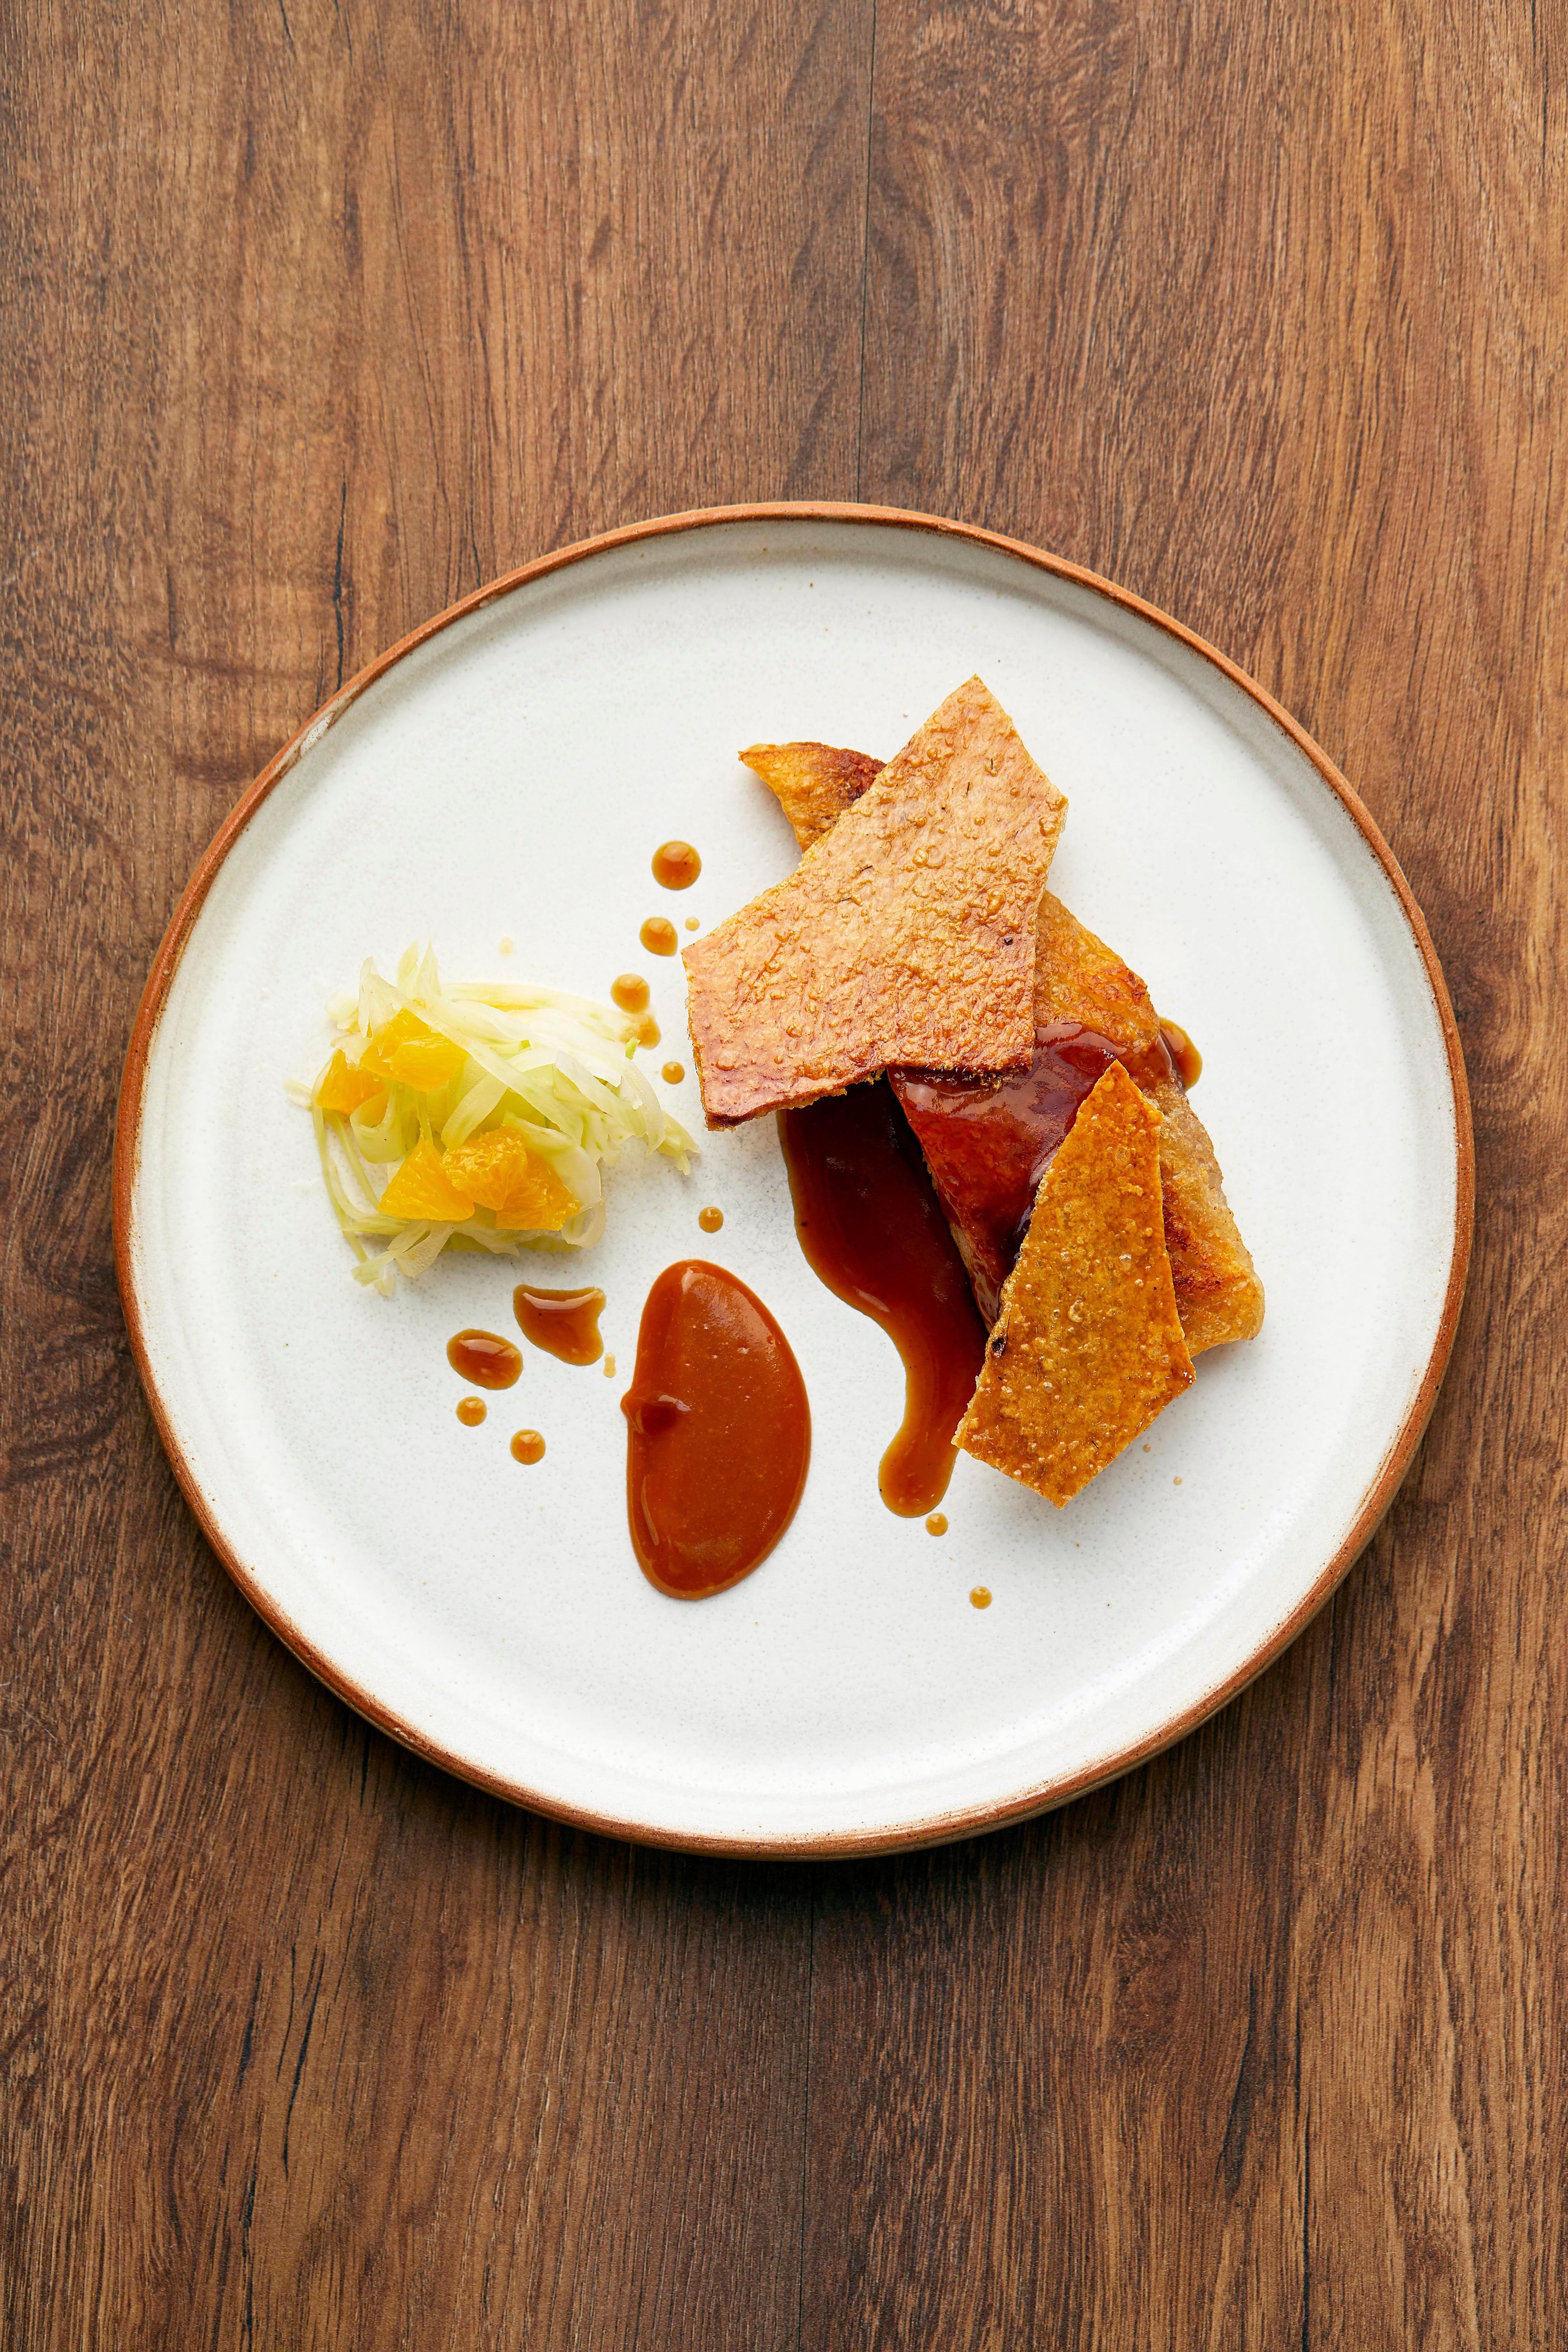 Rețetă de porc Jowl cu o salată de fenicul servită pe o farfurie rotundă de culoare alb murdar pe o masă din lemn închis la culoare